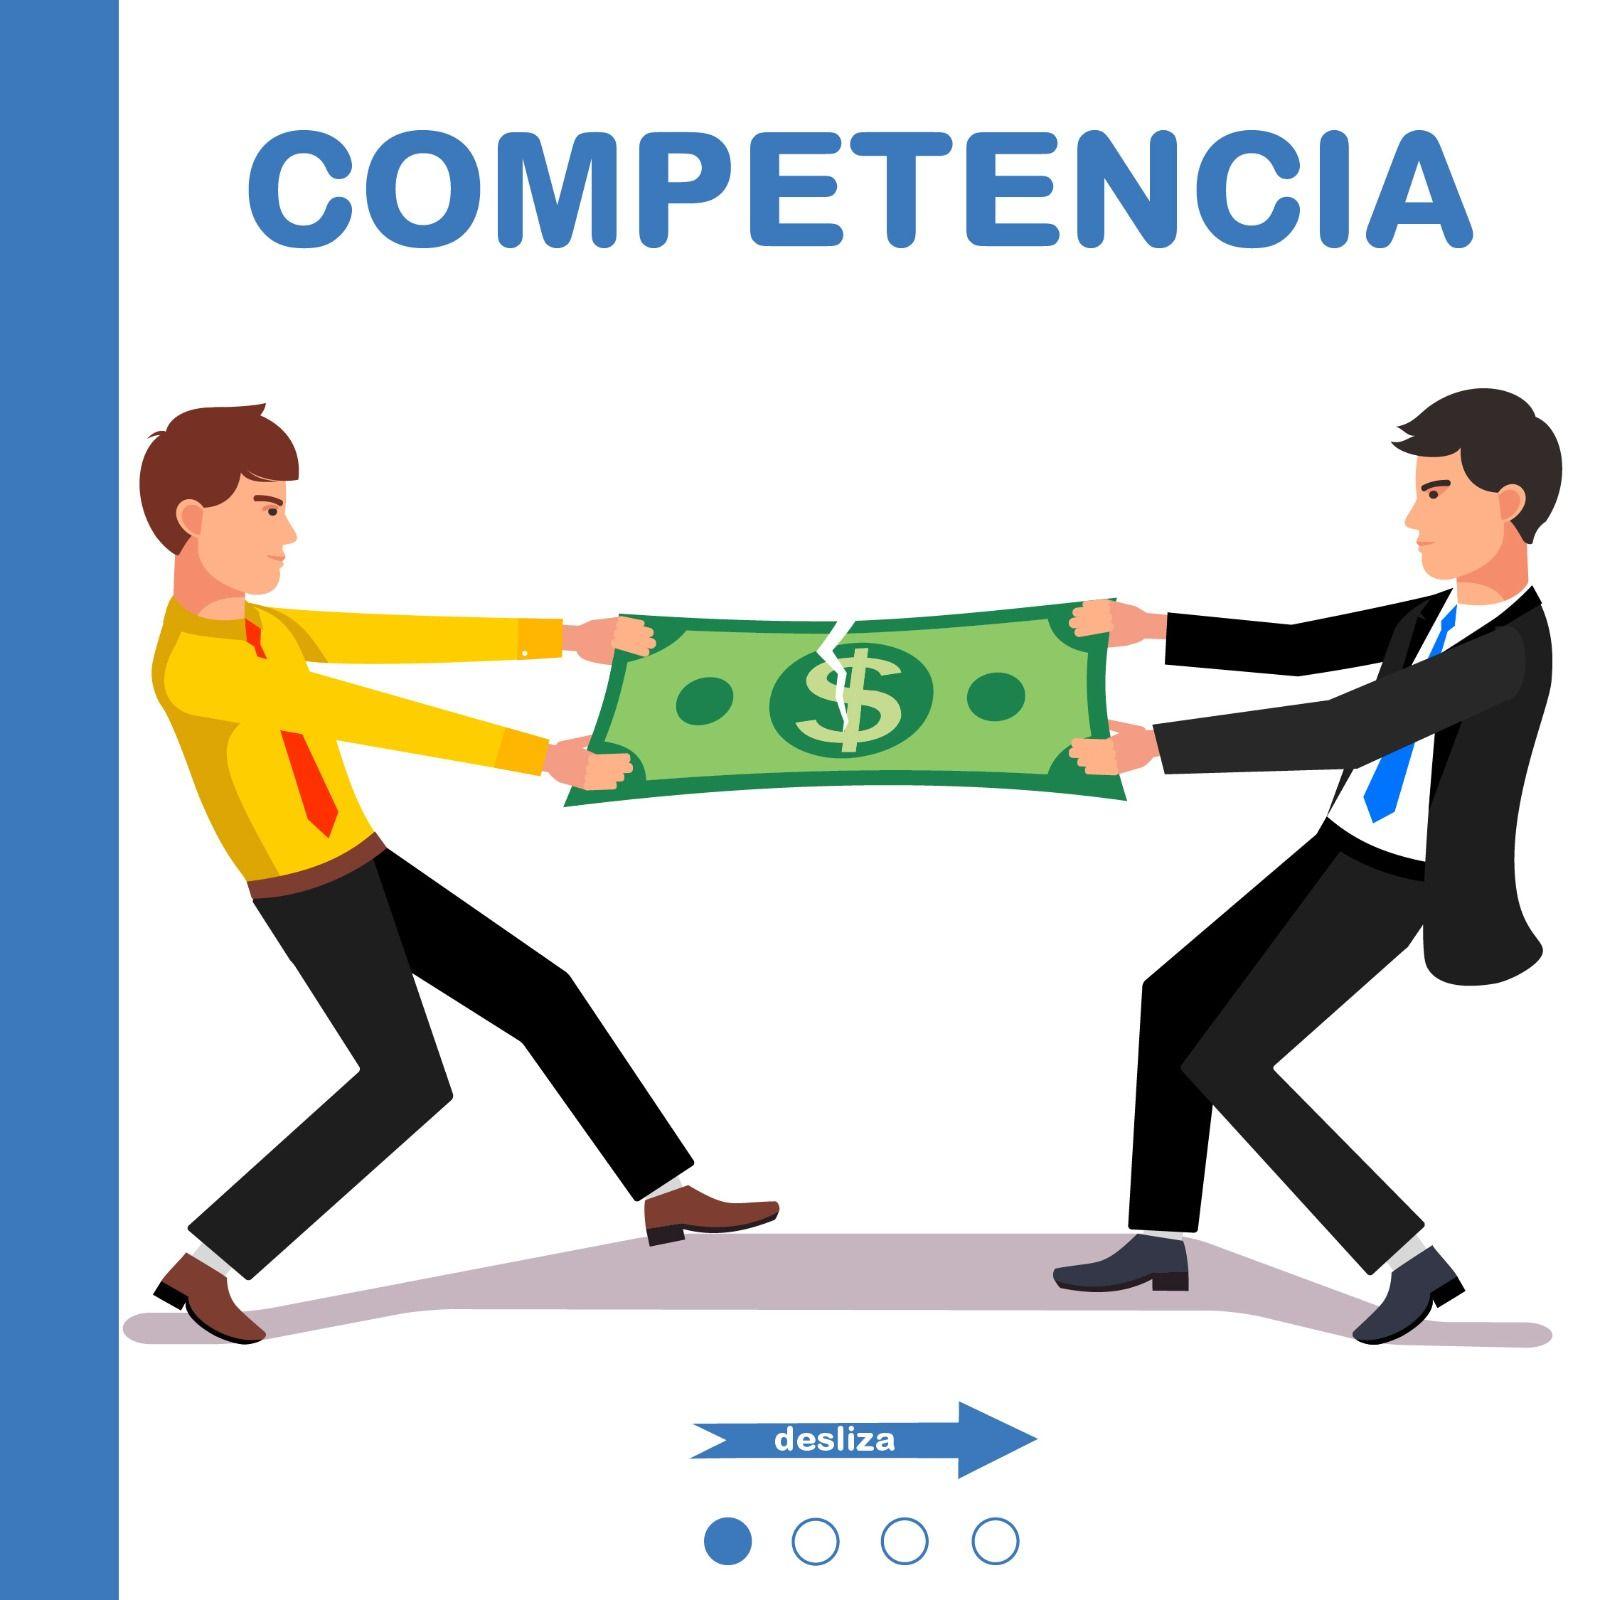 Competencia... ¿en positivo?